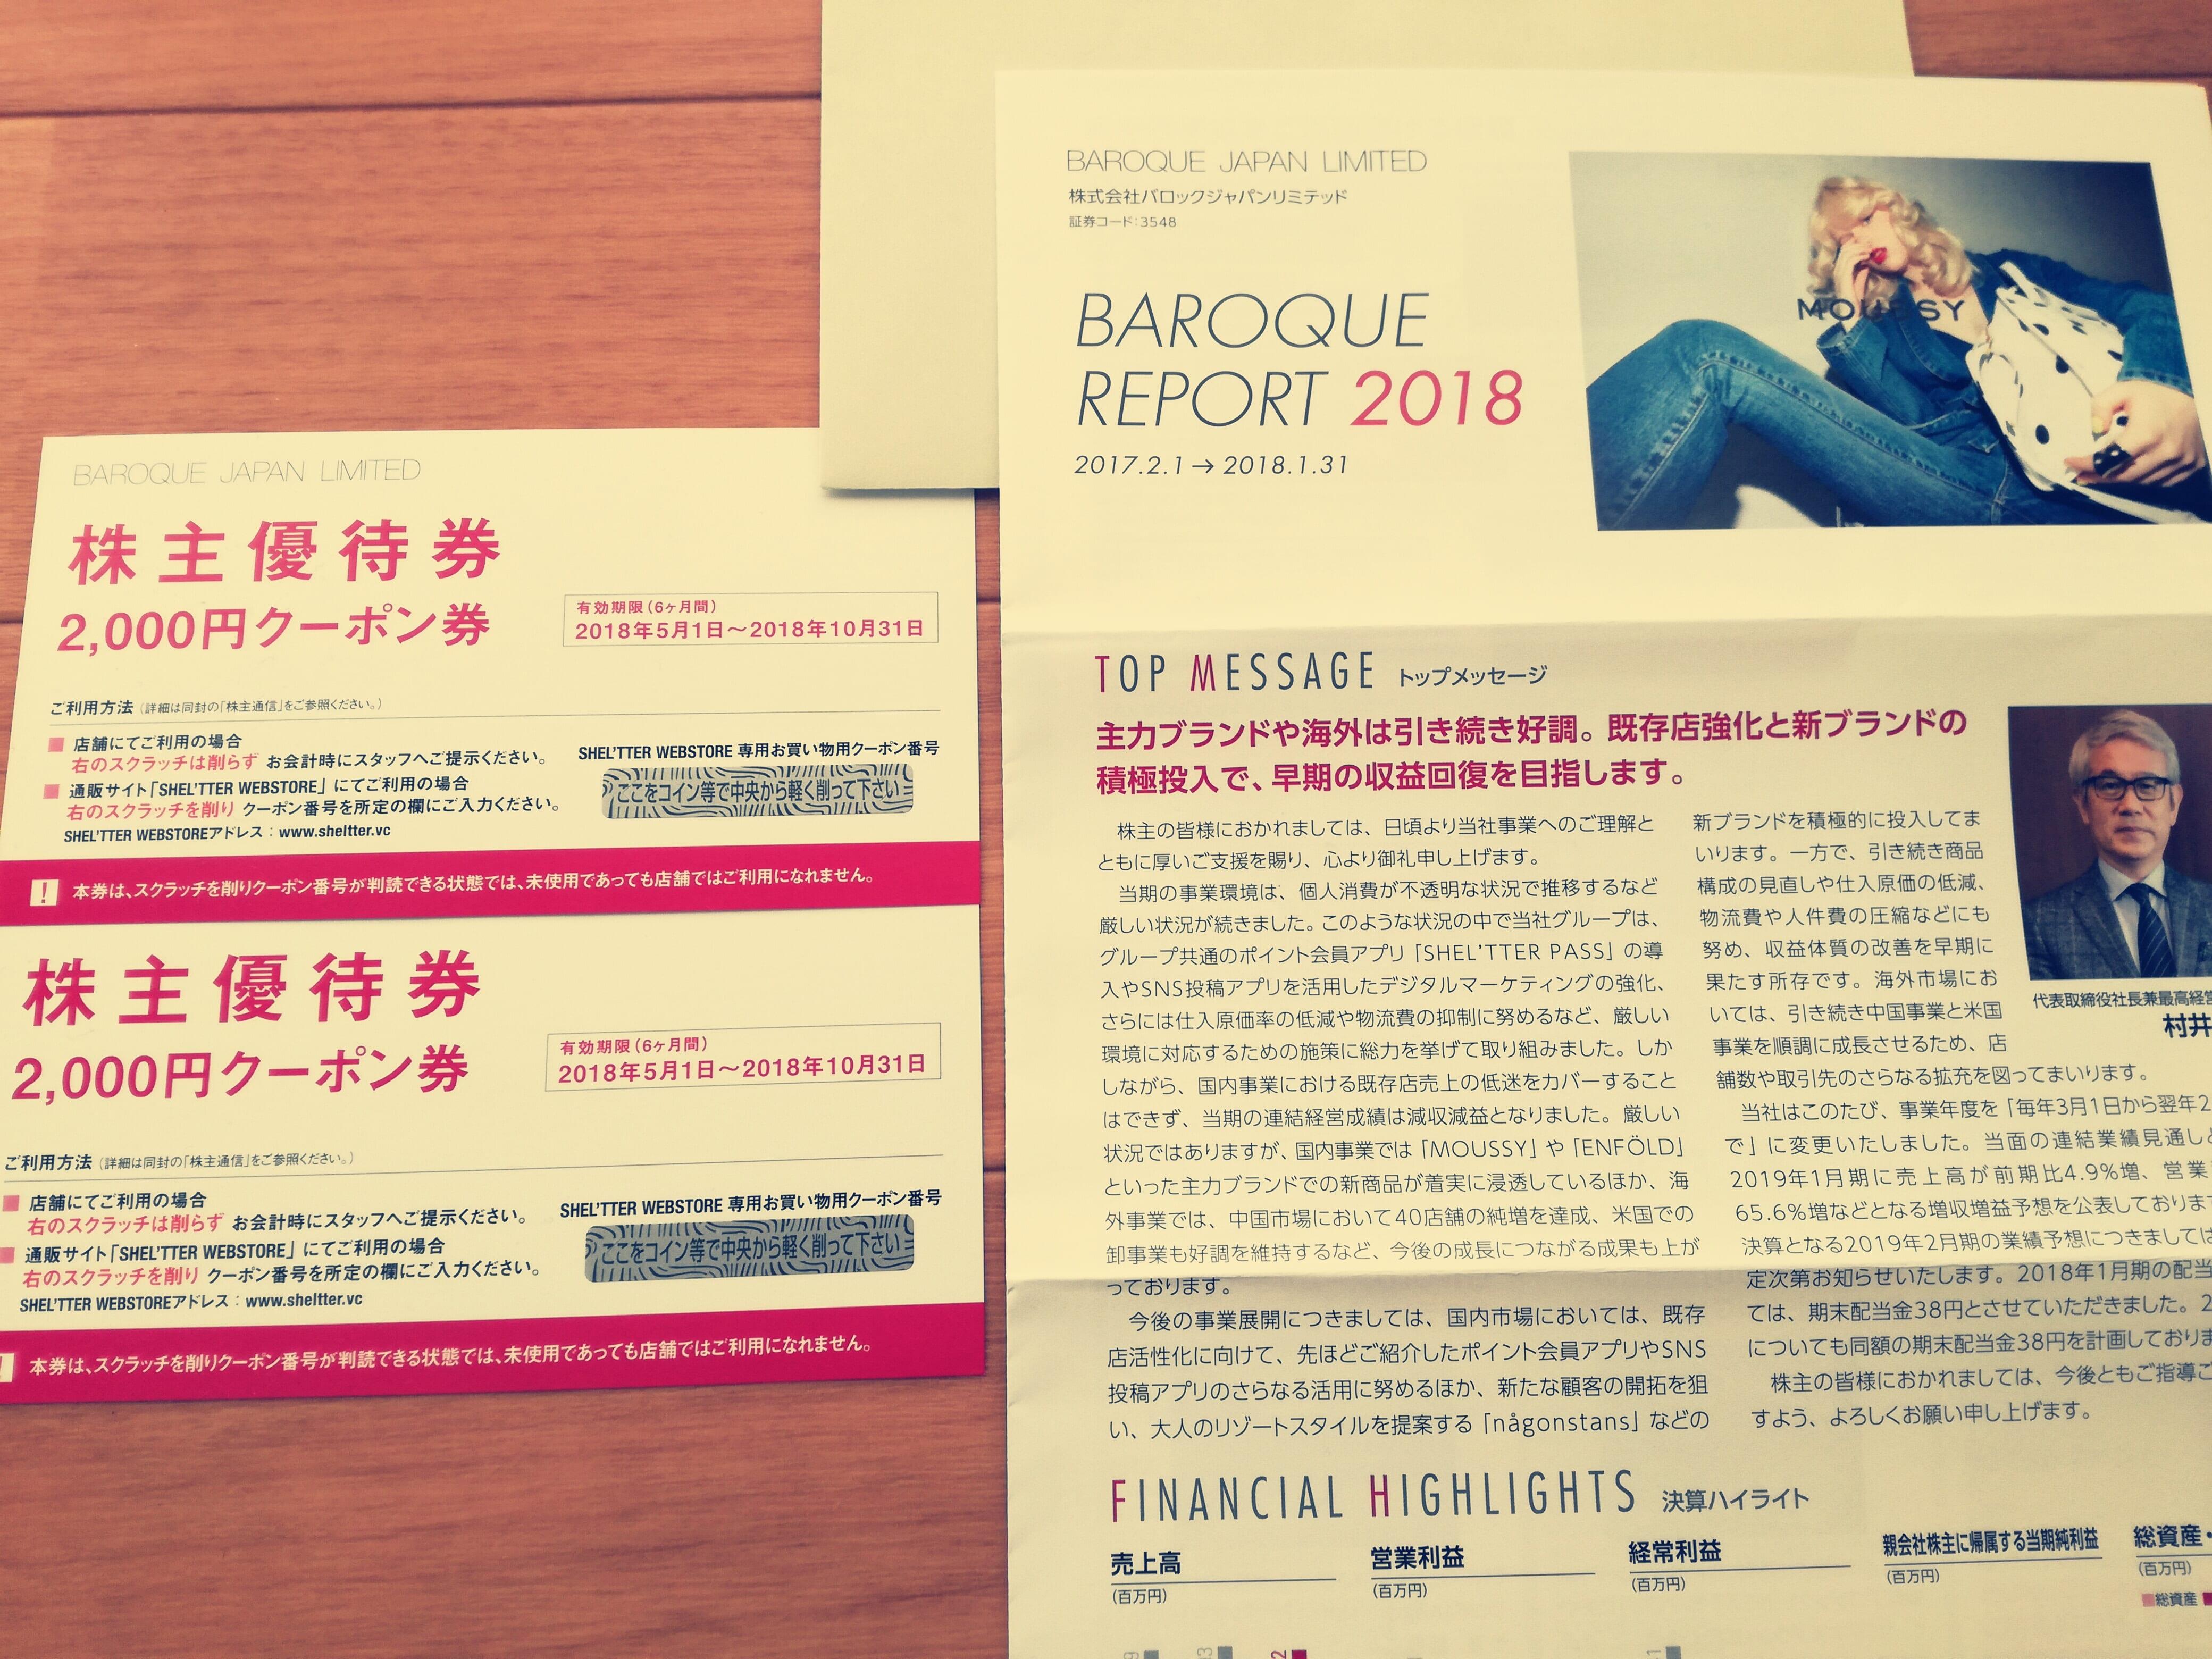 バロックジャパンリミテッド(3548)から株主優待券が到着!アラフォー妻に使ってもらいます!